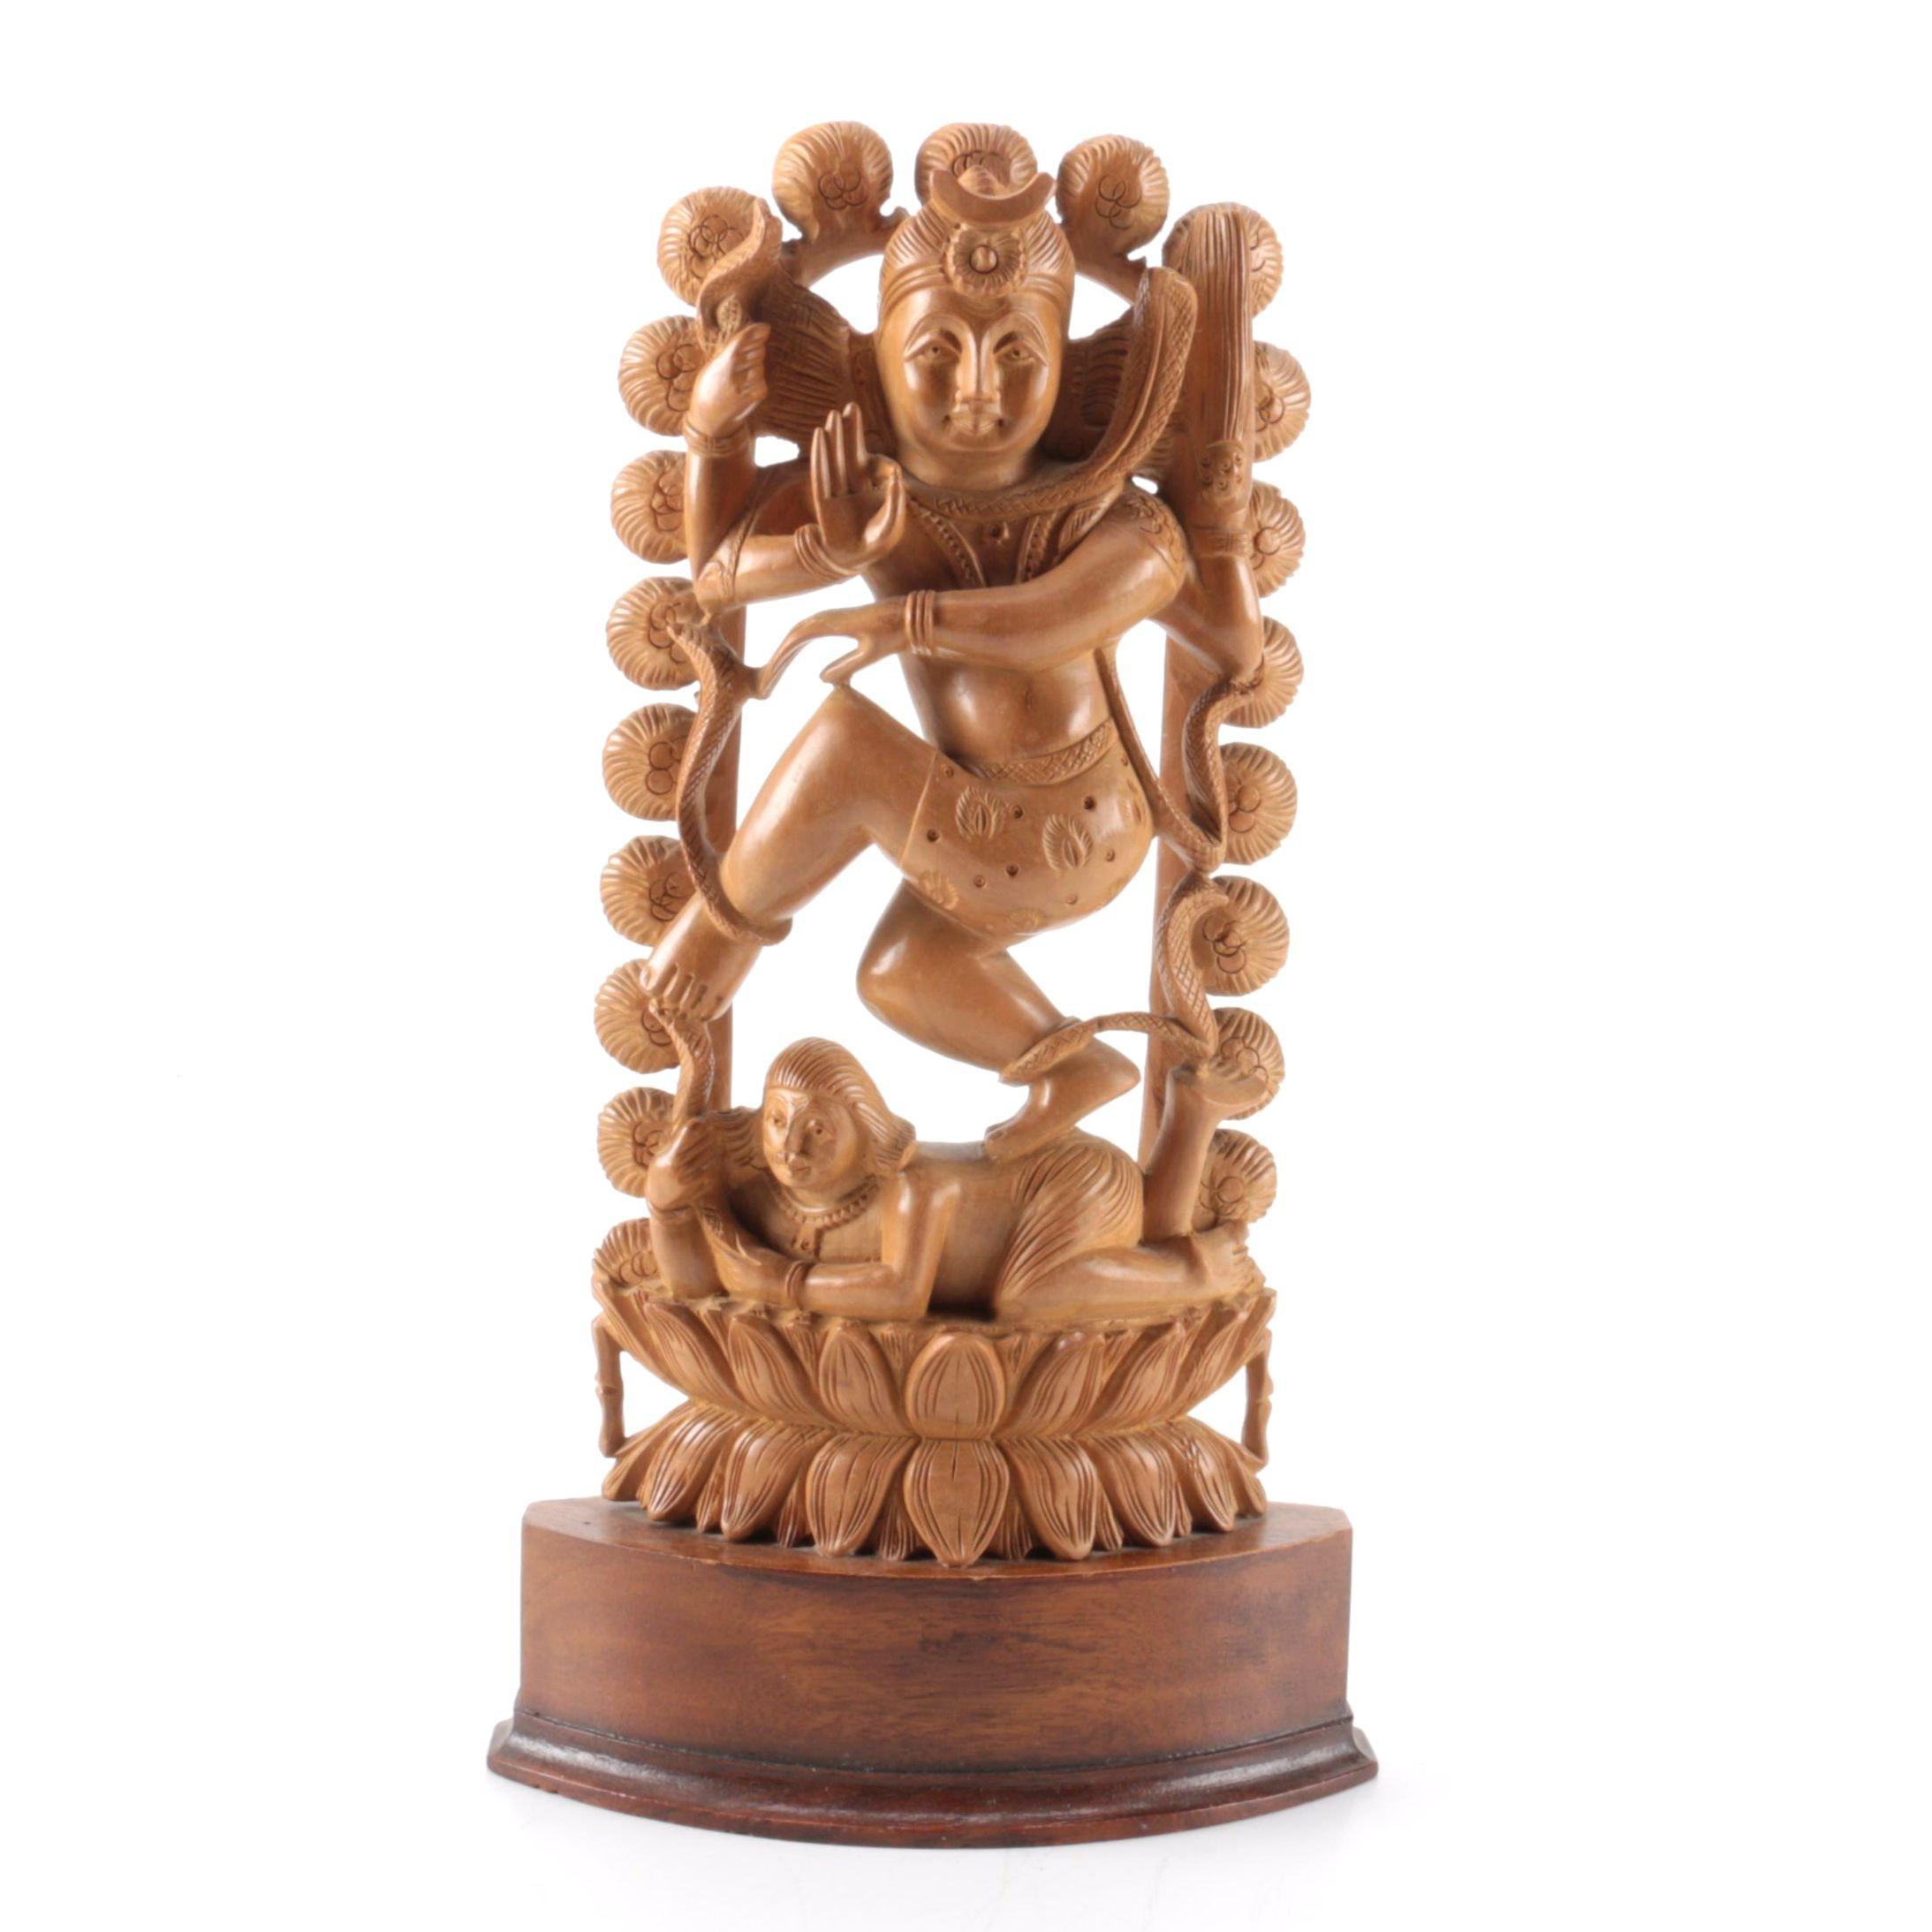 Nataraja Shiva Inspired Carved Sandalwood Figurine